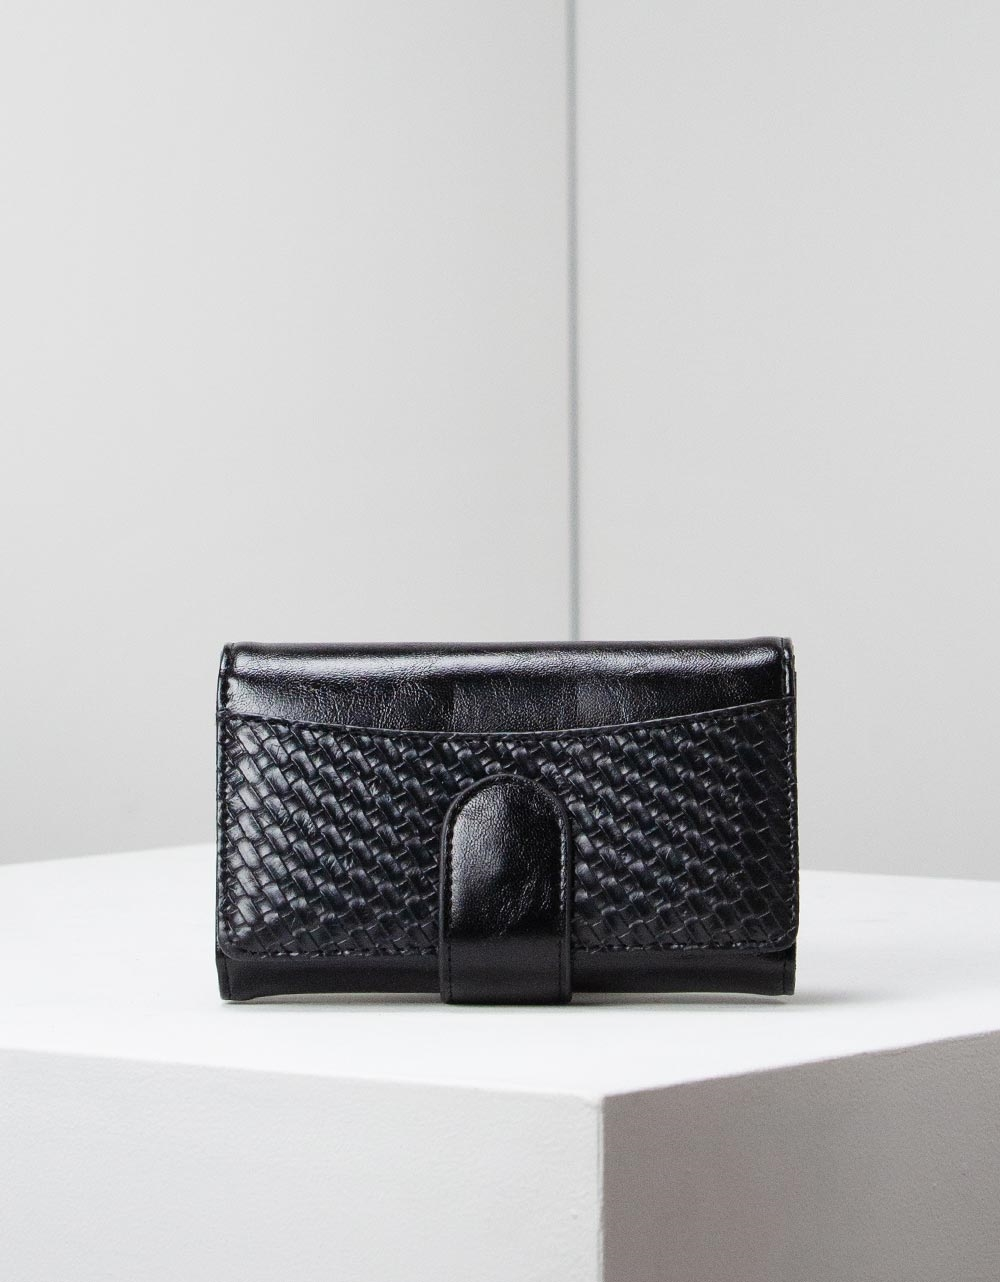 Εικόνα από Γυναικεία πορτοφόλια με ανάγλυφη λεπτομέρεια Μαύρο